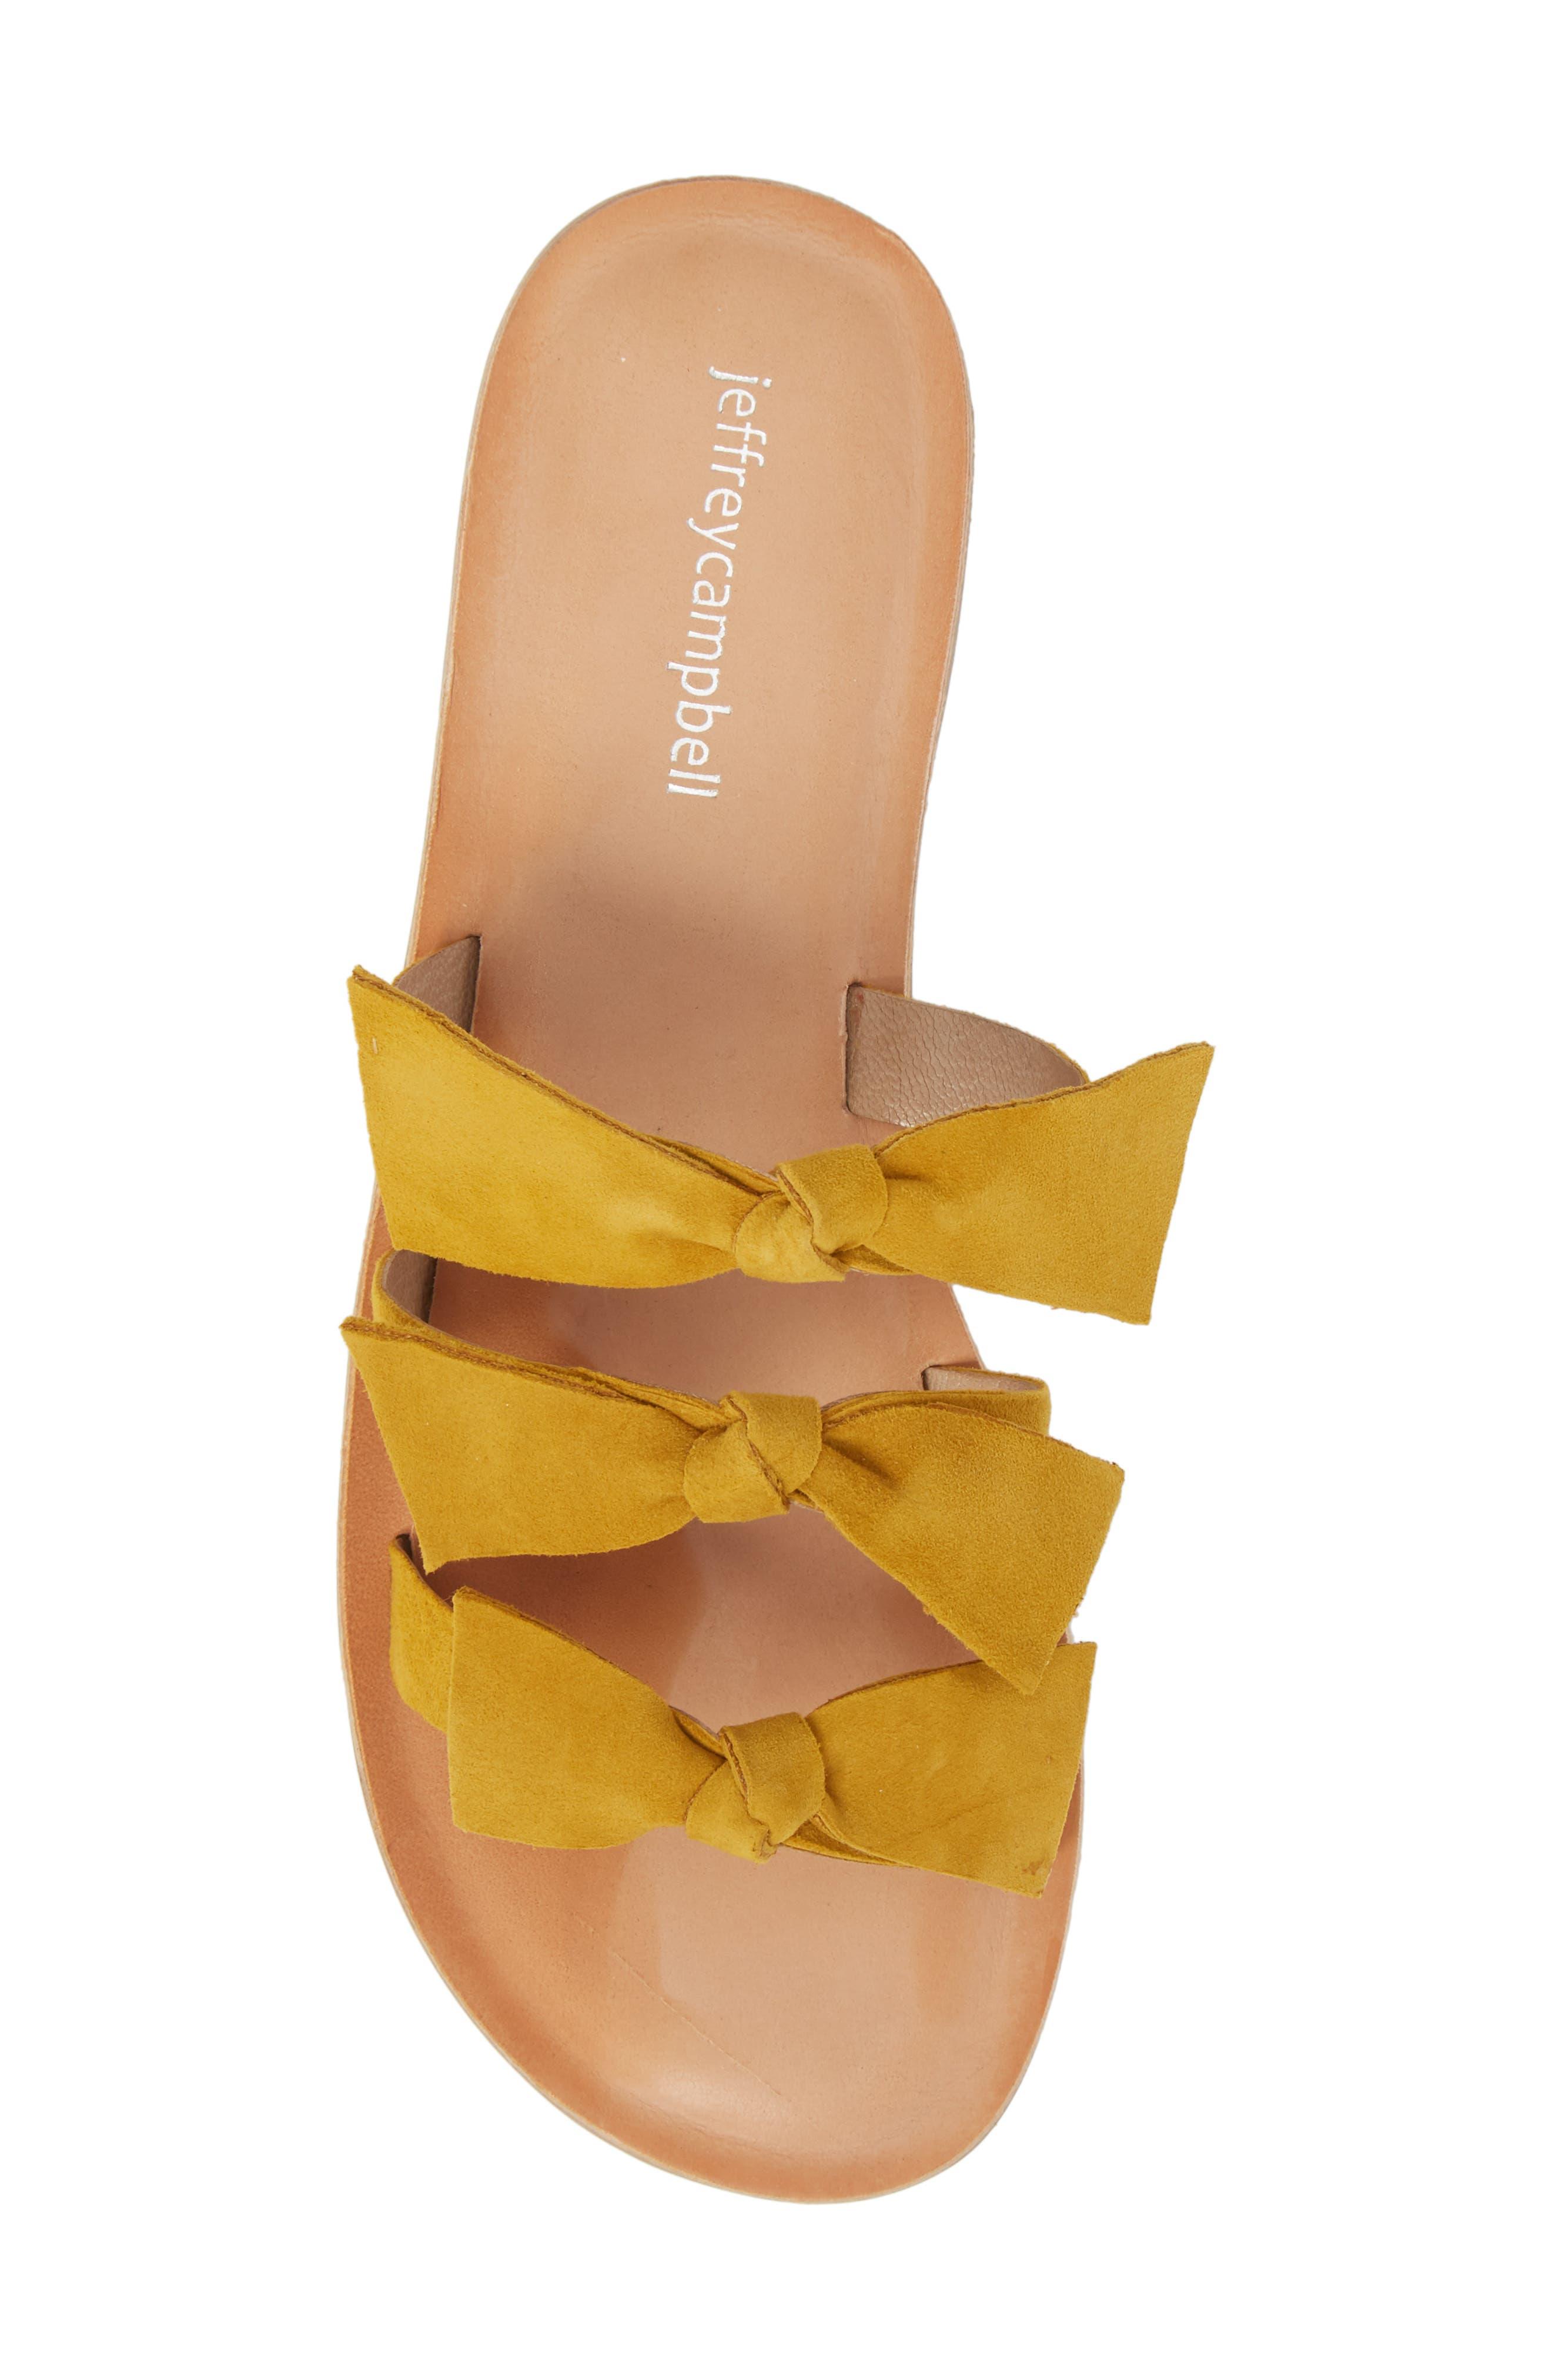 Atone Sandal,                             Alternate thumbnail 25, color,